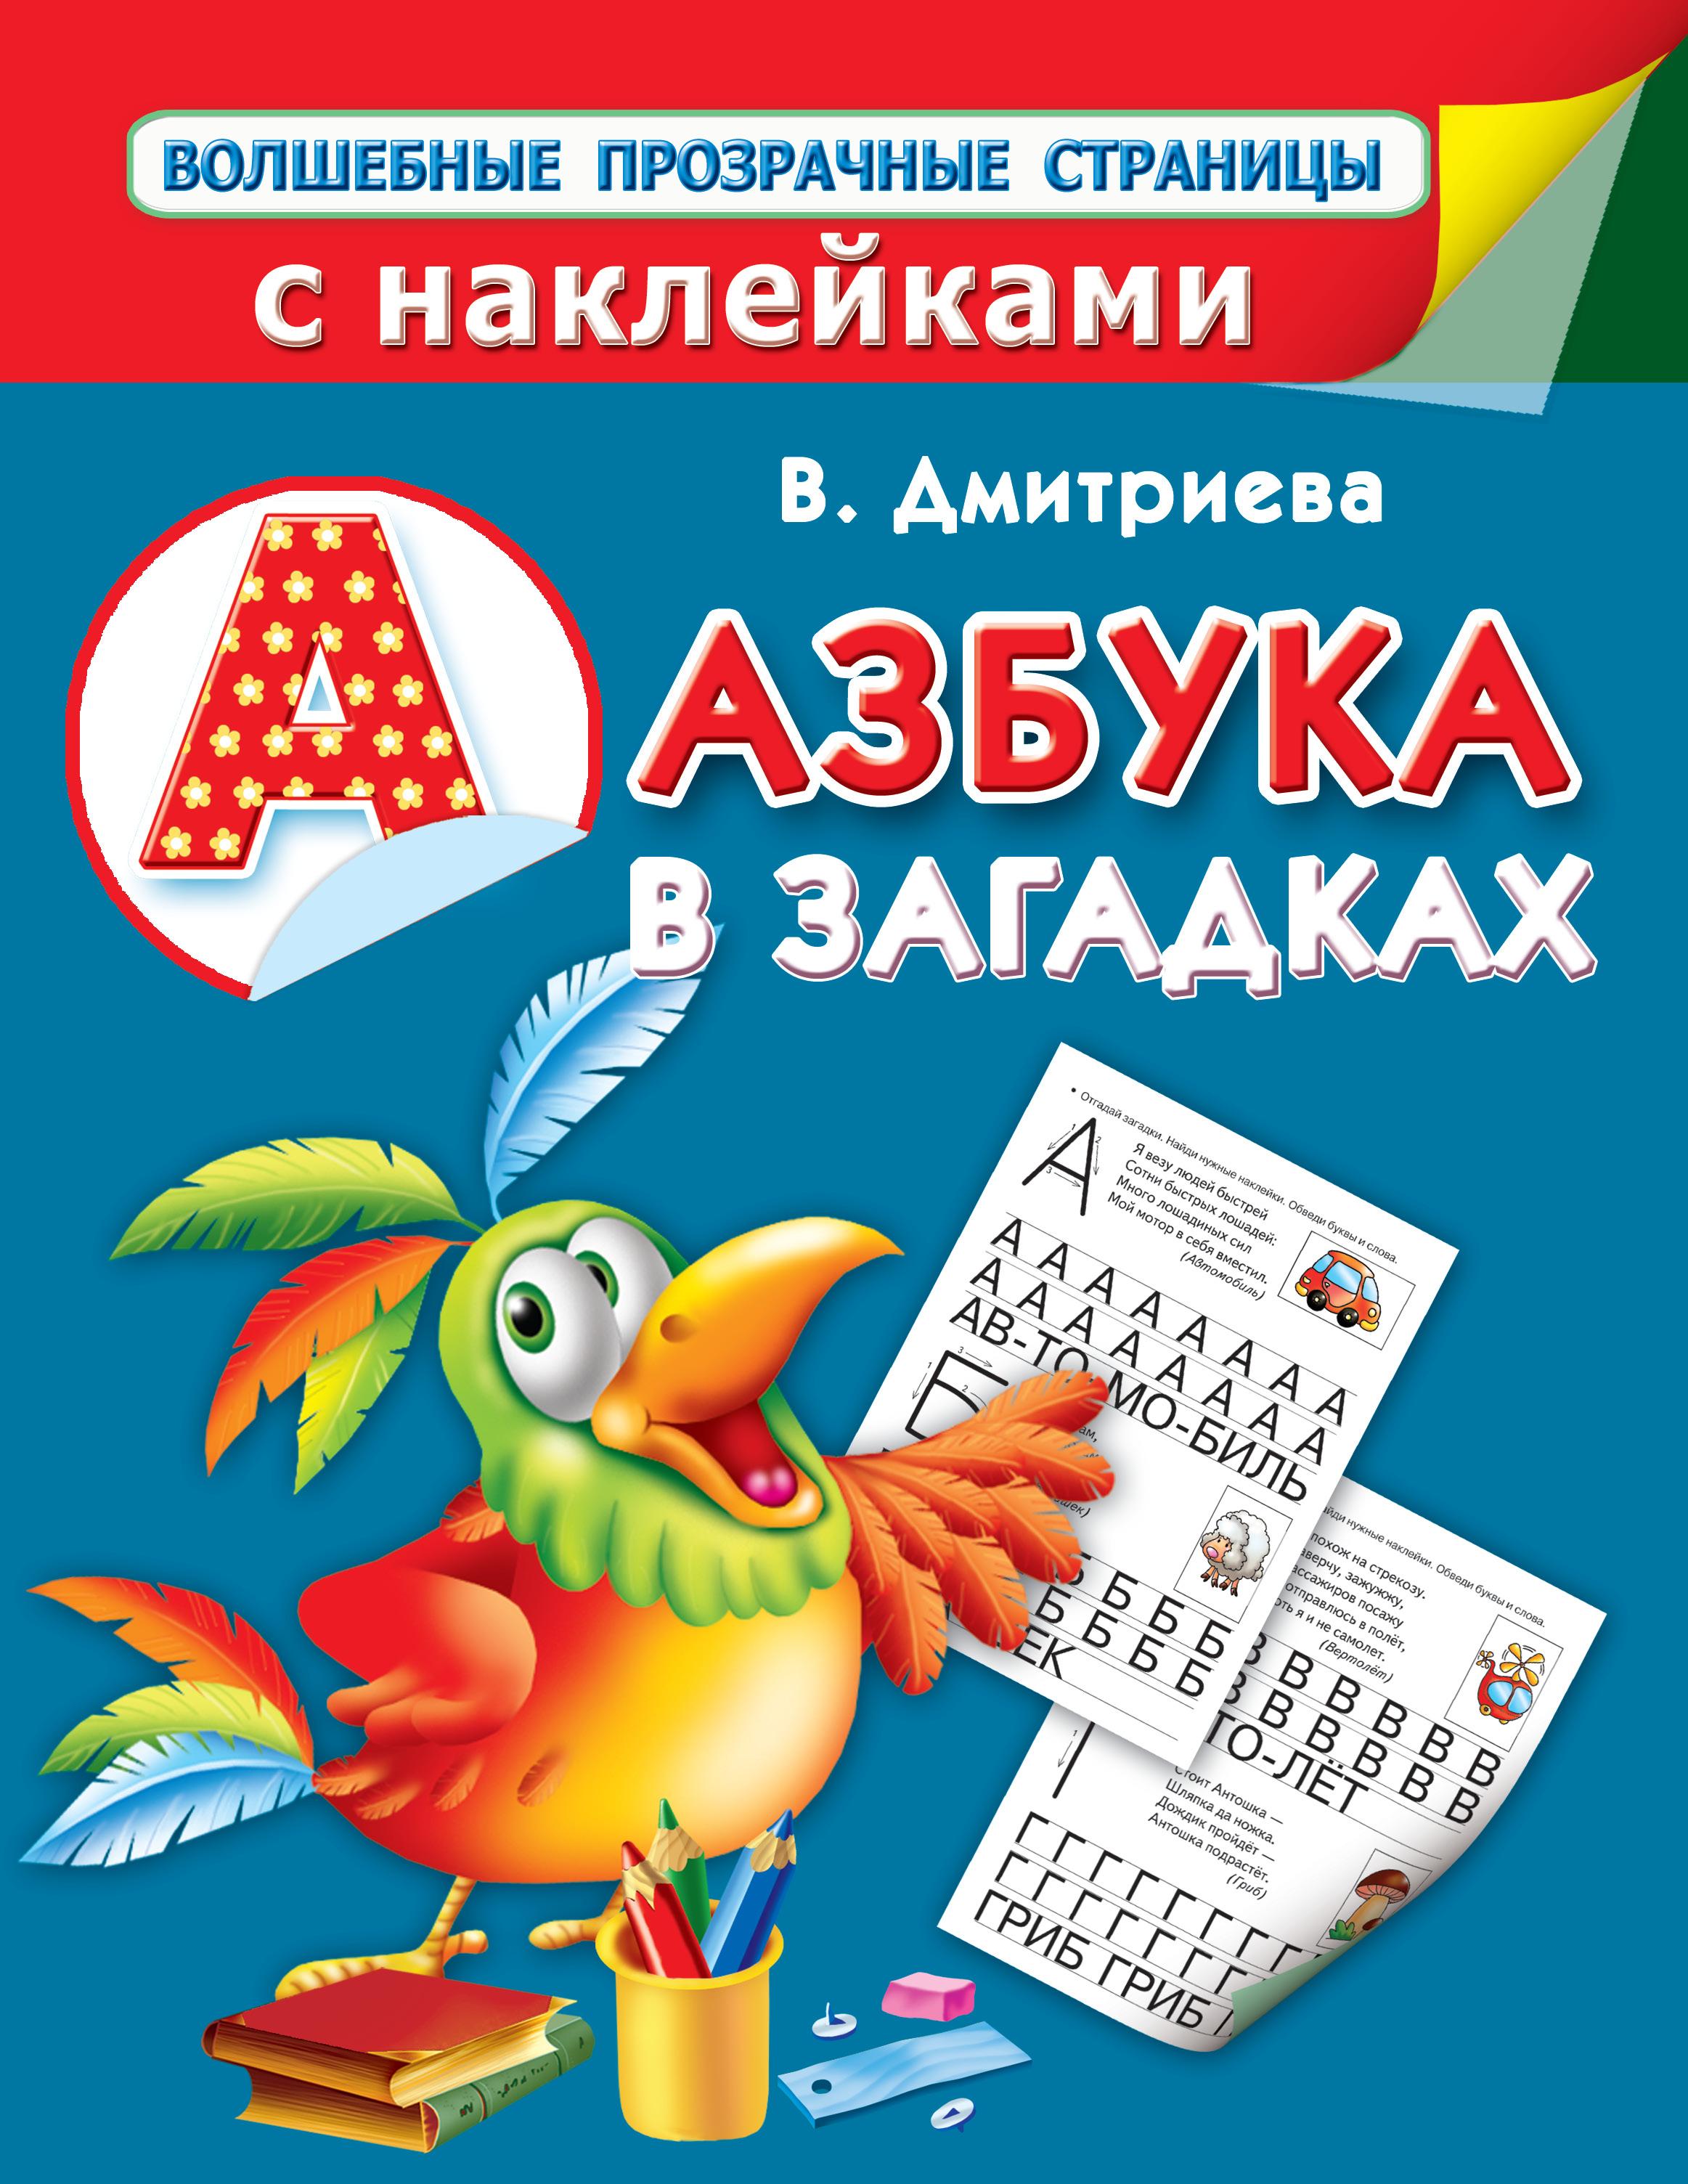 Двинина Л.В., Дмитриева В.Г. Азбука в загадках дмитриева в г двинина л в английский алфавит для крошечек